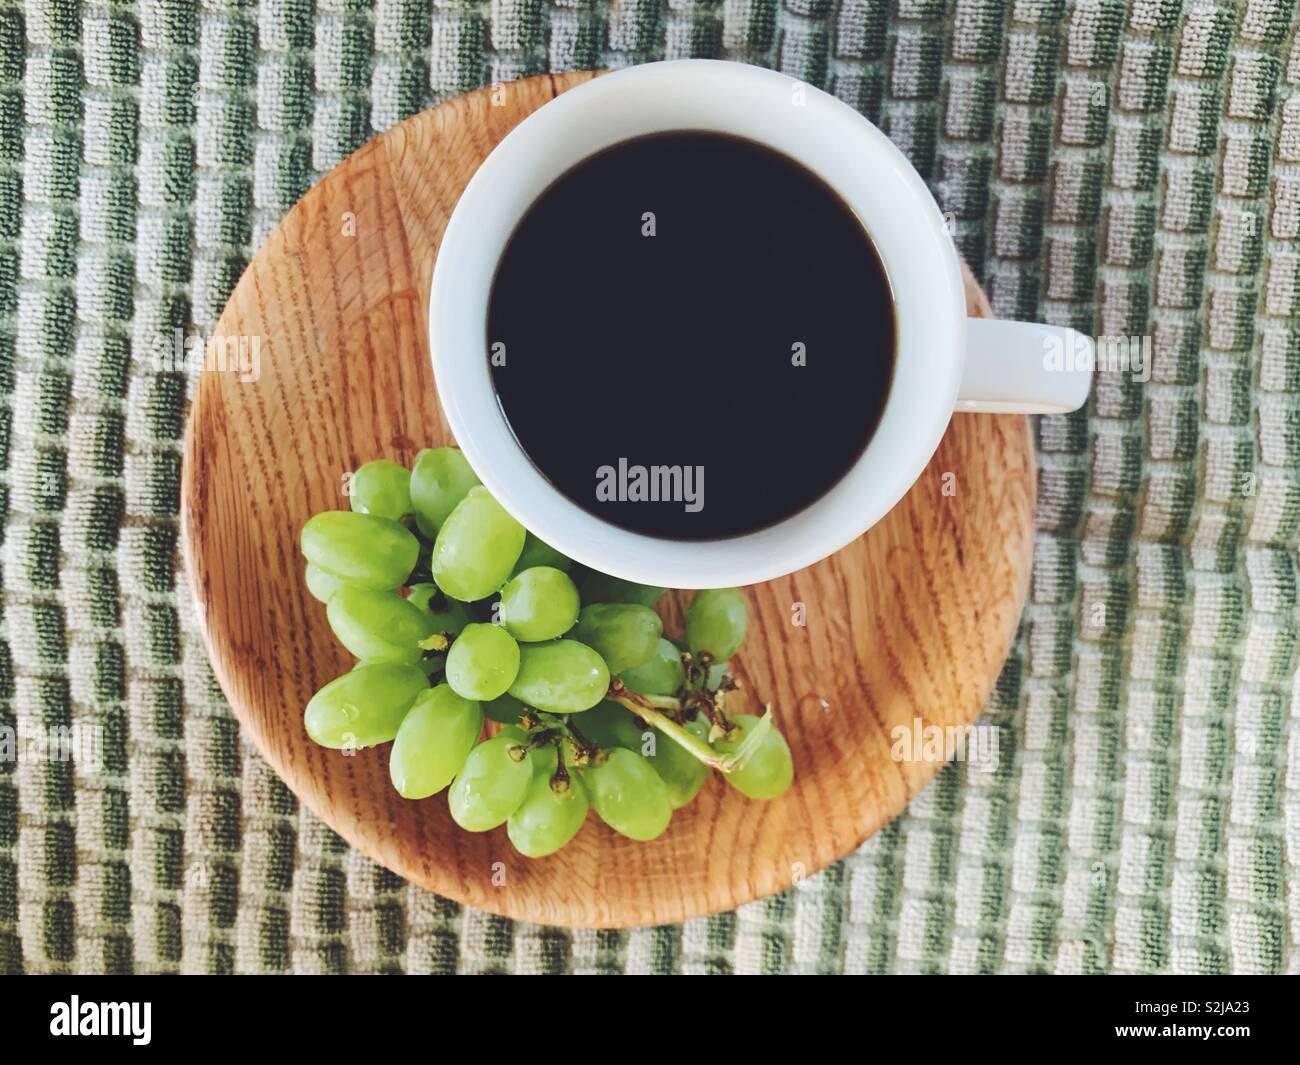 Kaffee und Trauben auf einer Platte Stockbild